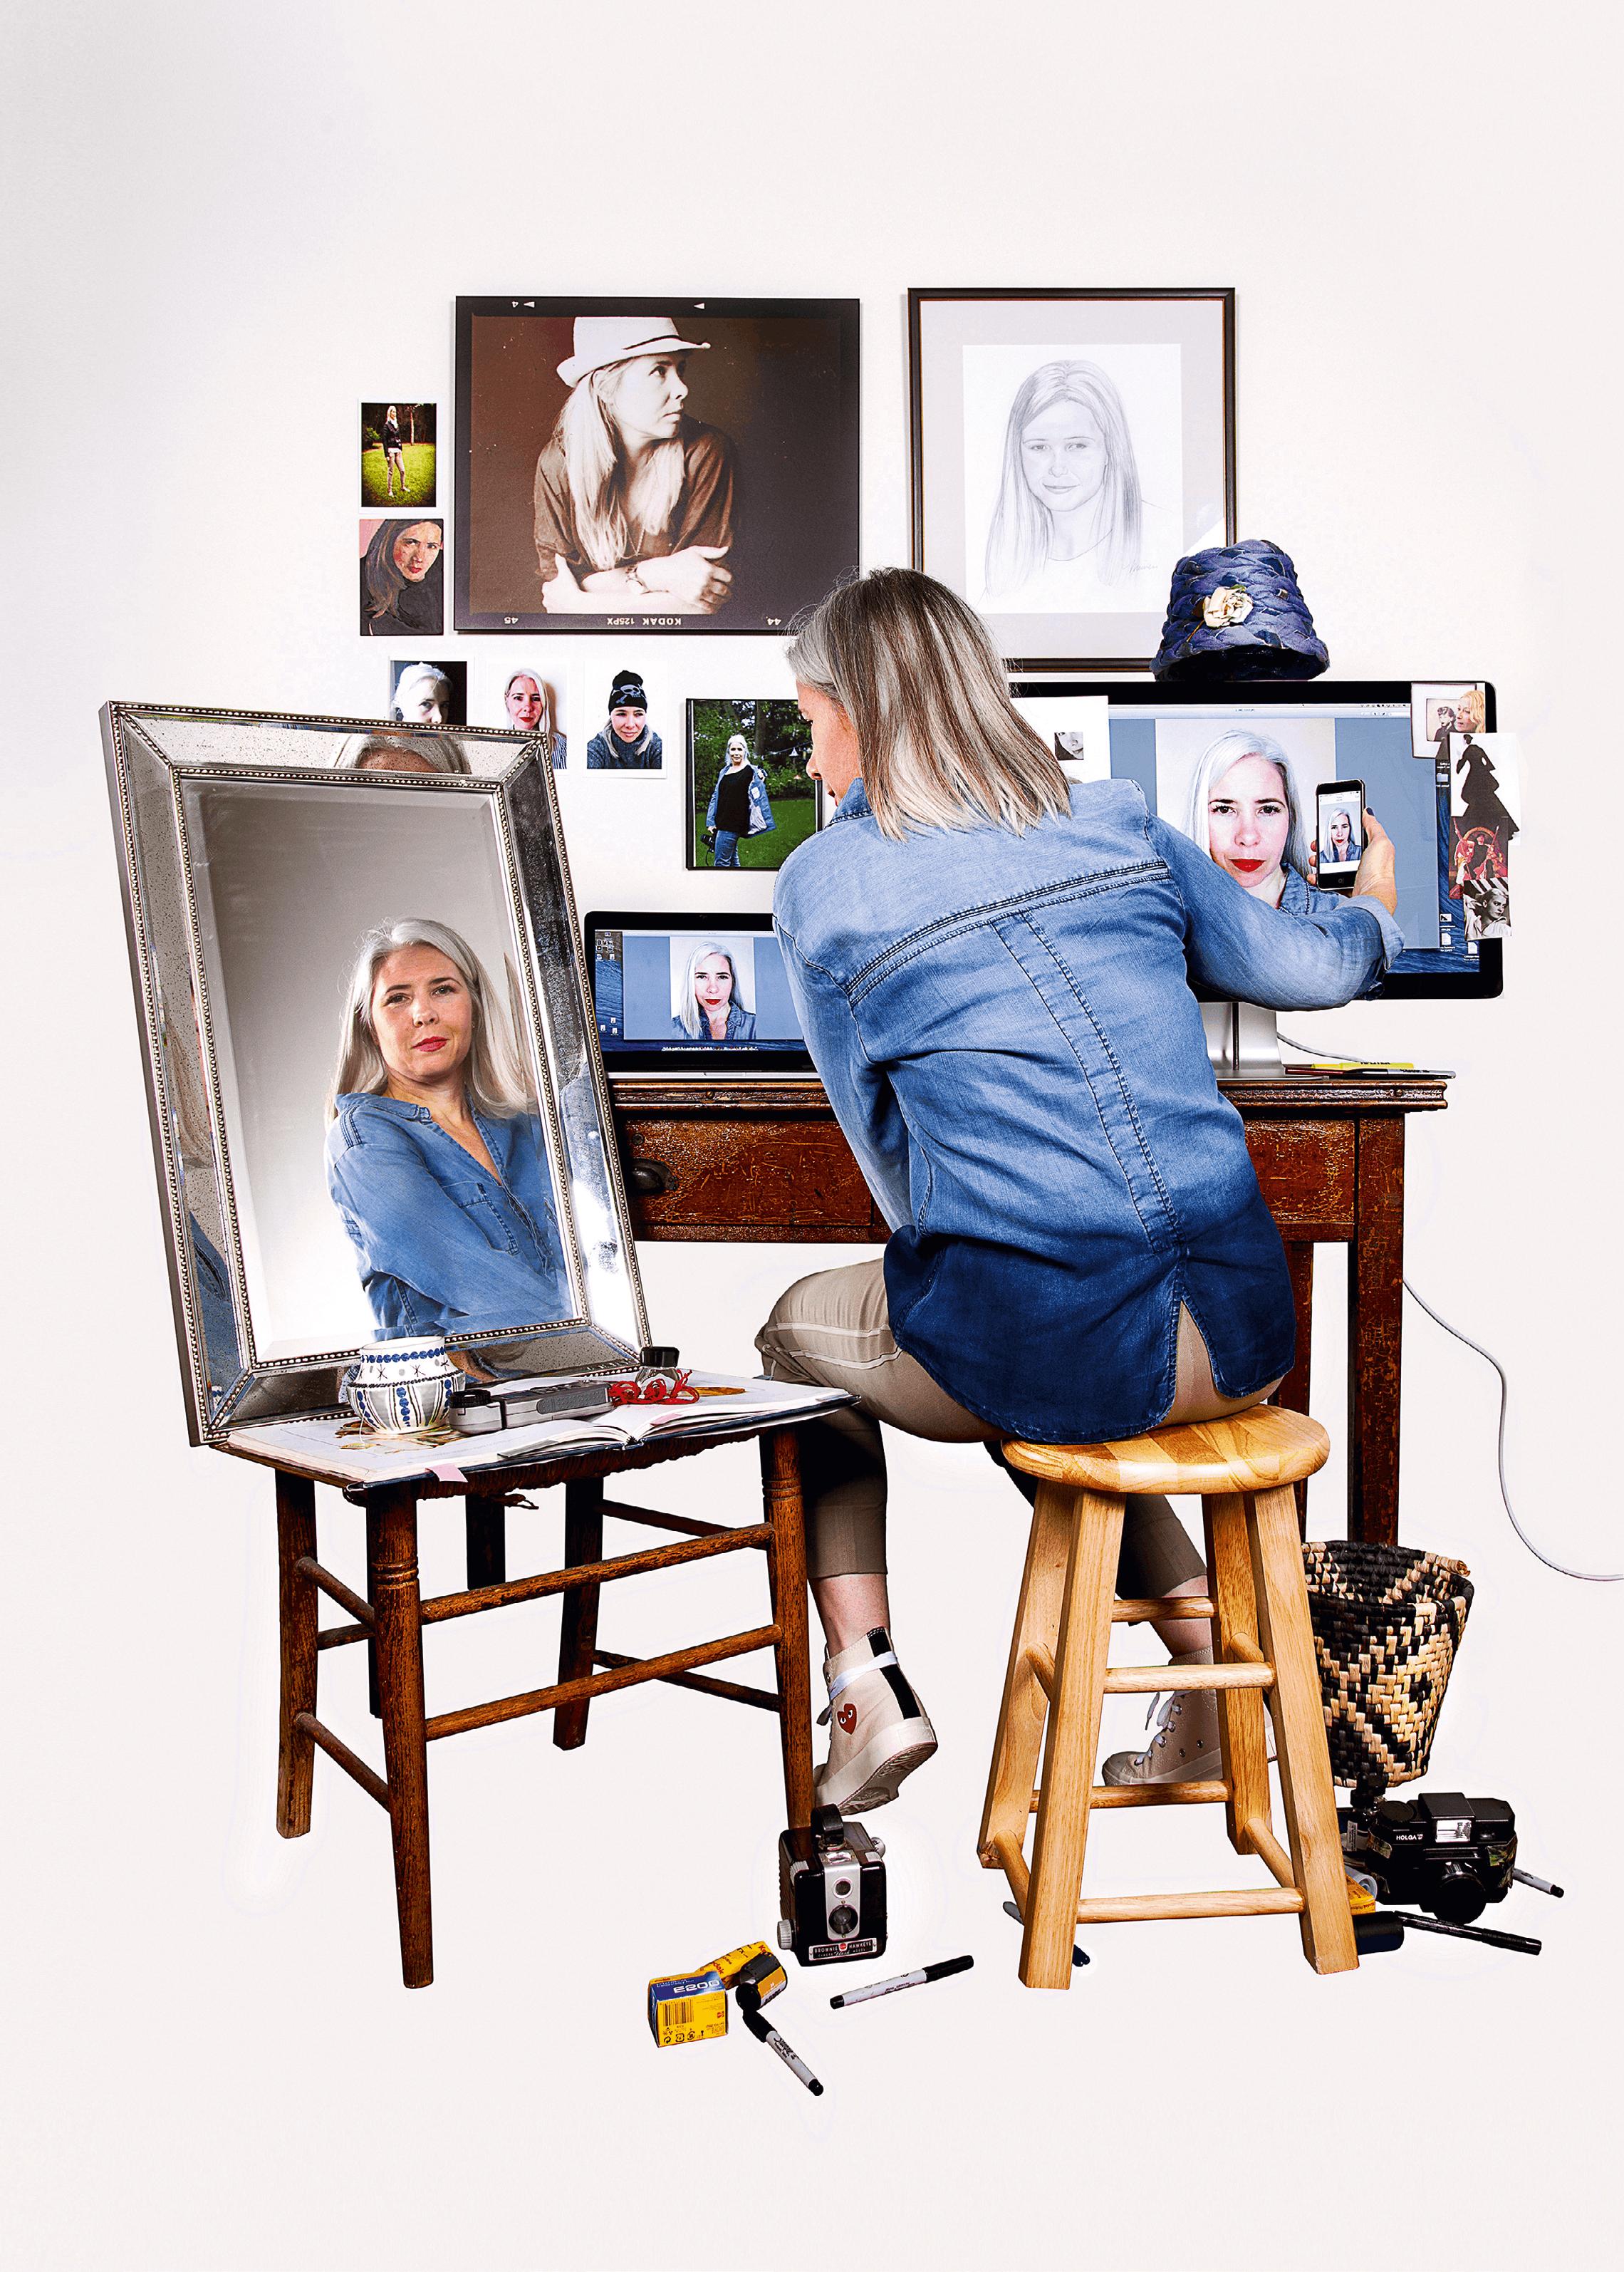 Triple autoportrait (adaptation de Norman Rockwell), photographie de Maggie Meiners